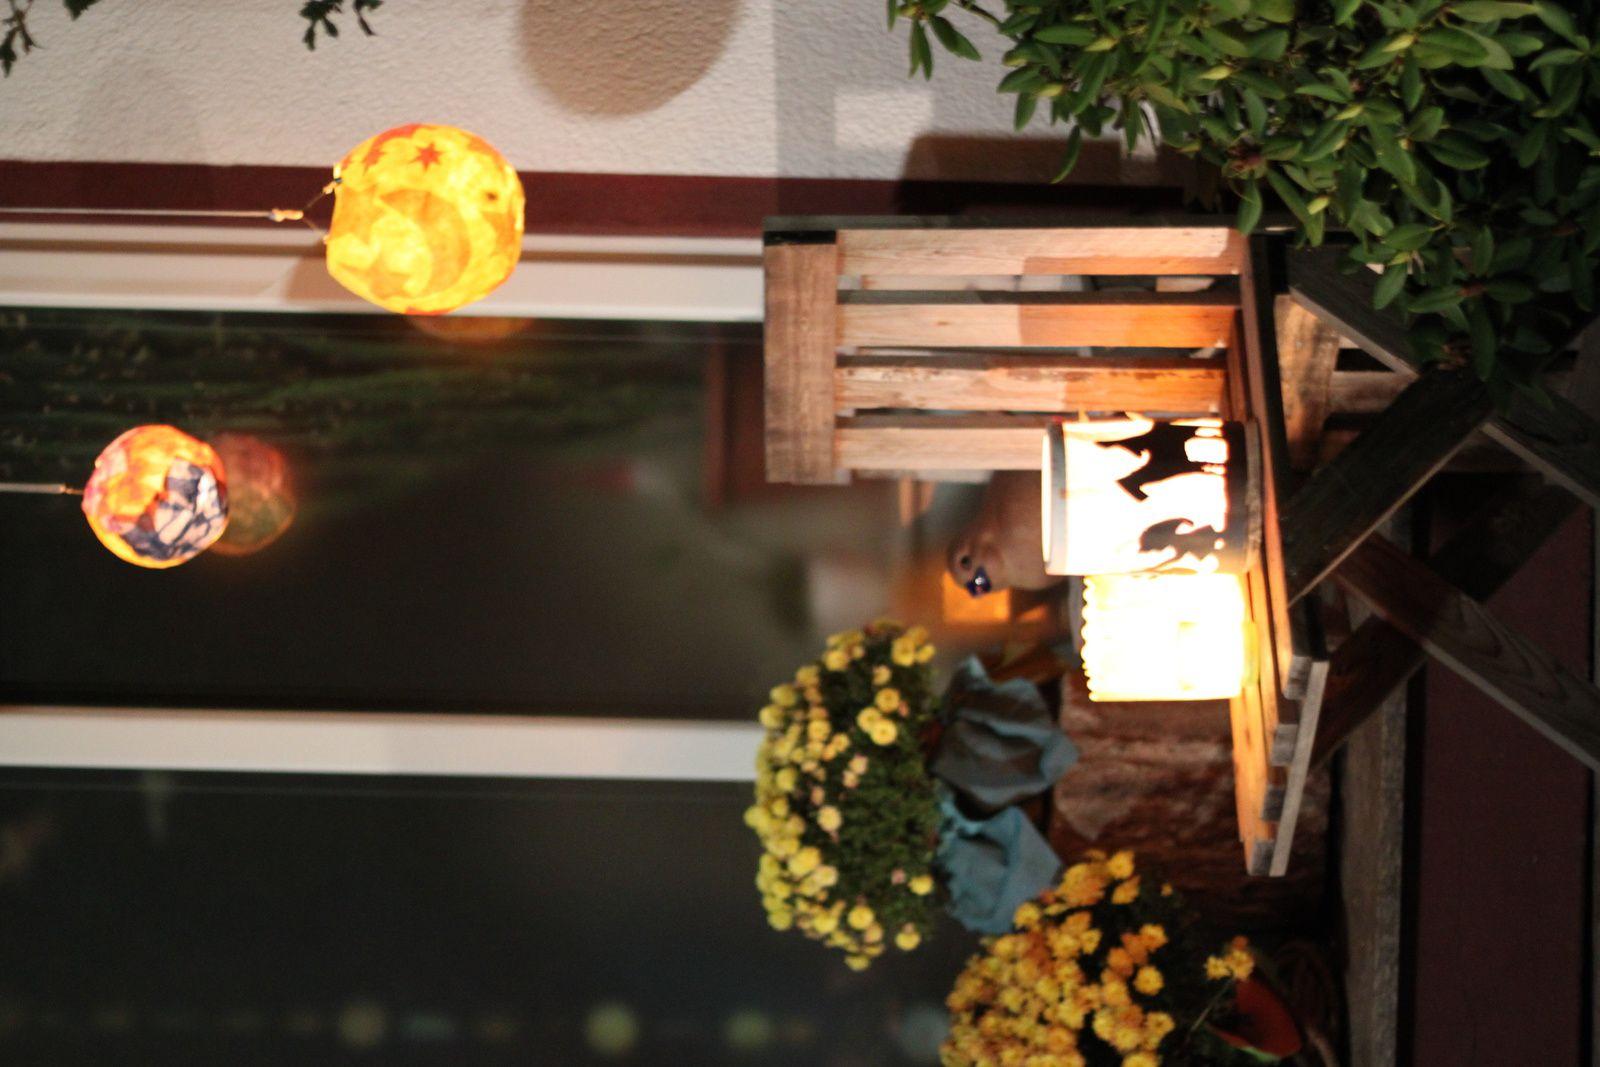 Les couleurs chaudes scintillent dans la nuit, les portes des maisons ont aussi des lanternes.